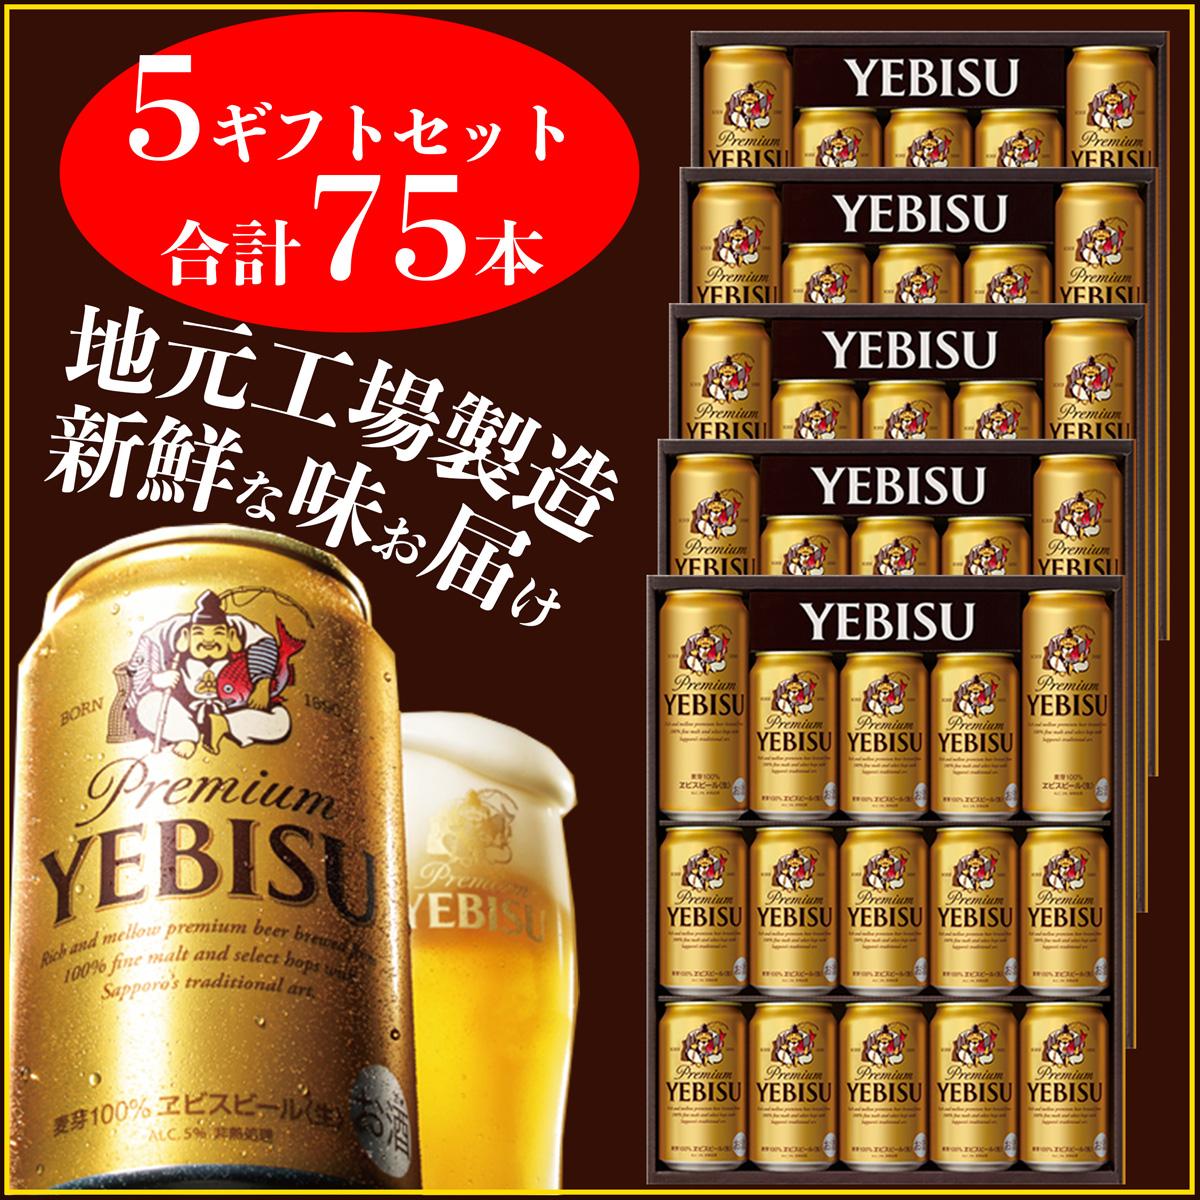 【ふるさと納税】ヱビスビール 75本セット(500ml×10本、350ml×65本) プレミアムなギフトセットを5セットお届け! 仙台工場産をお届け